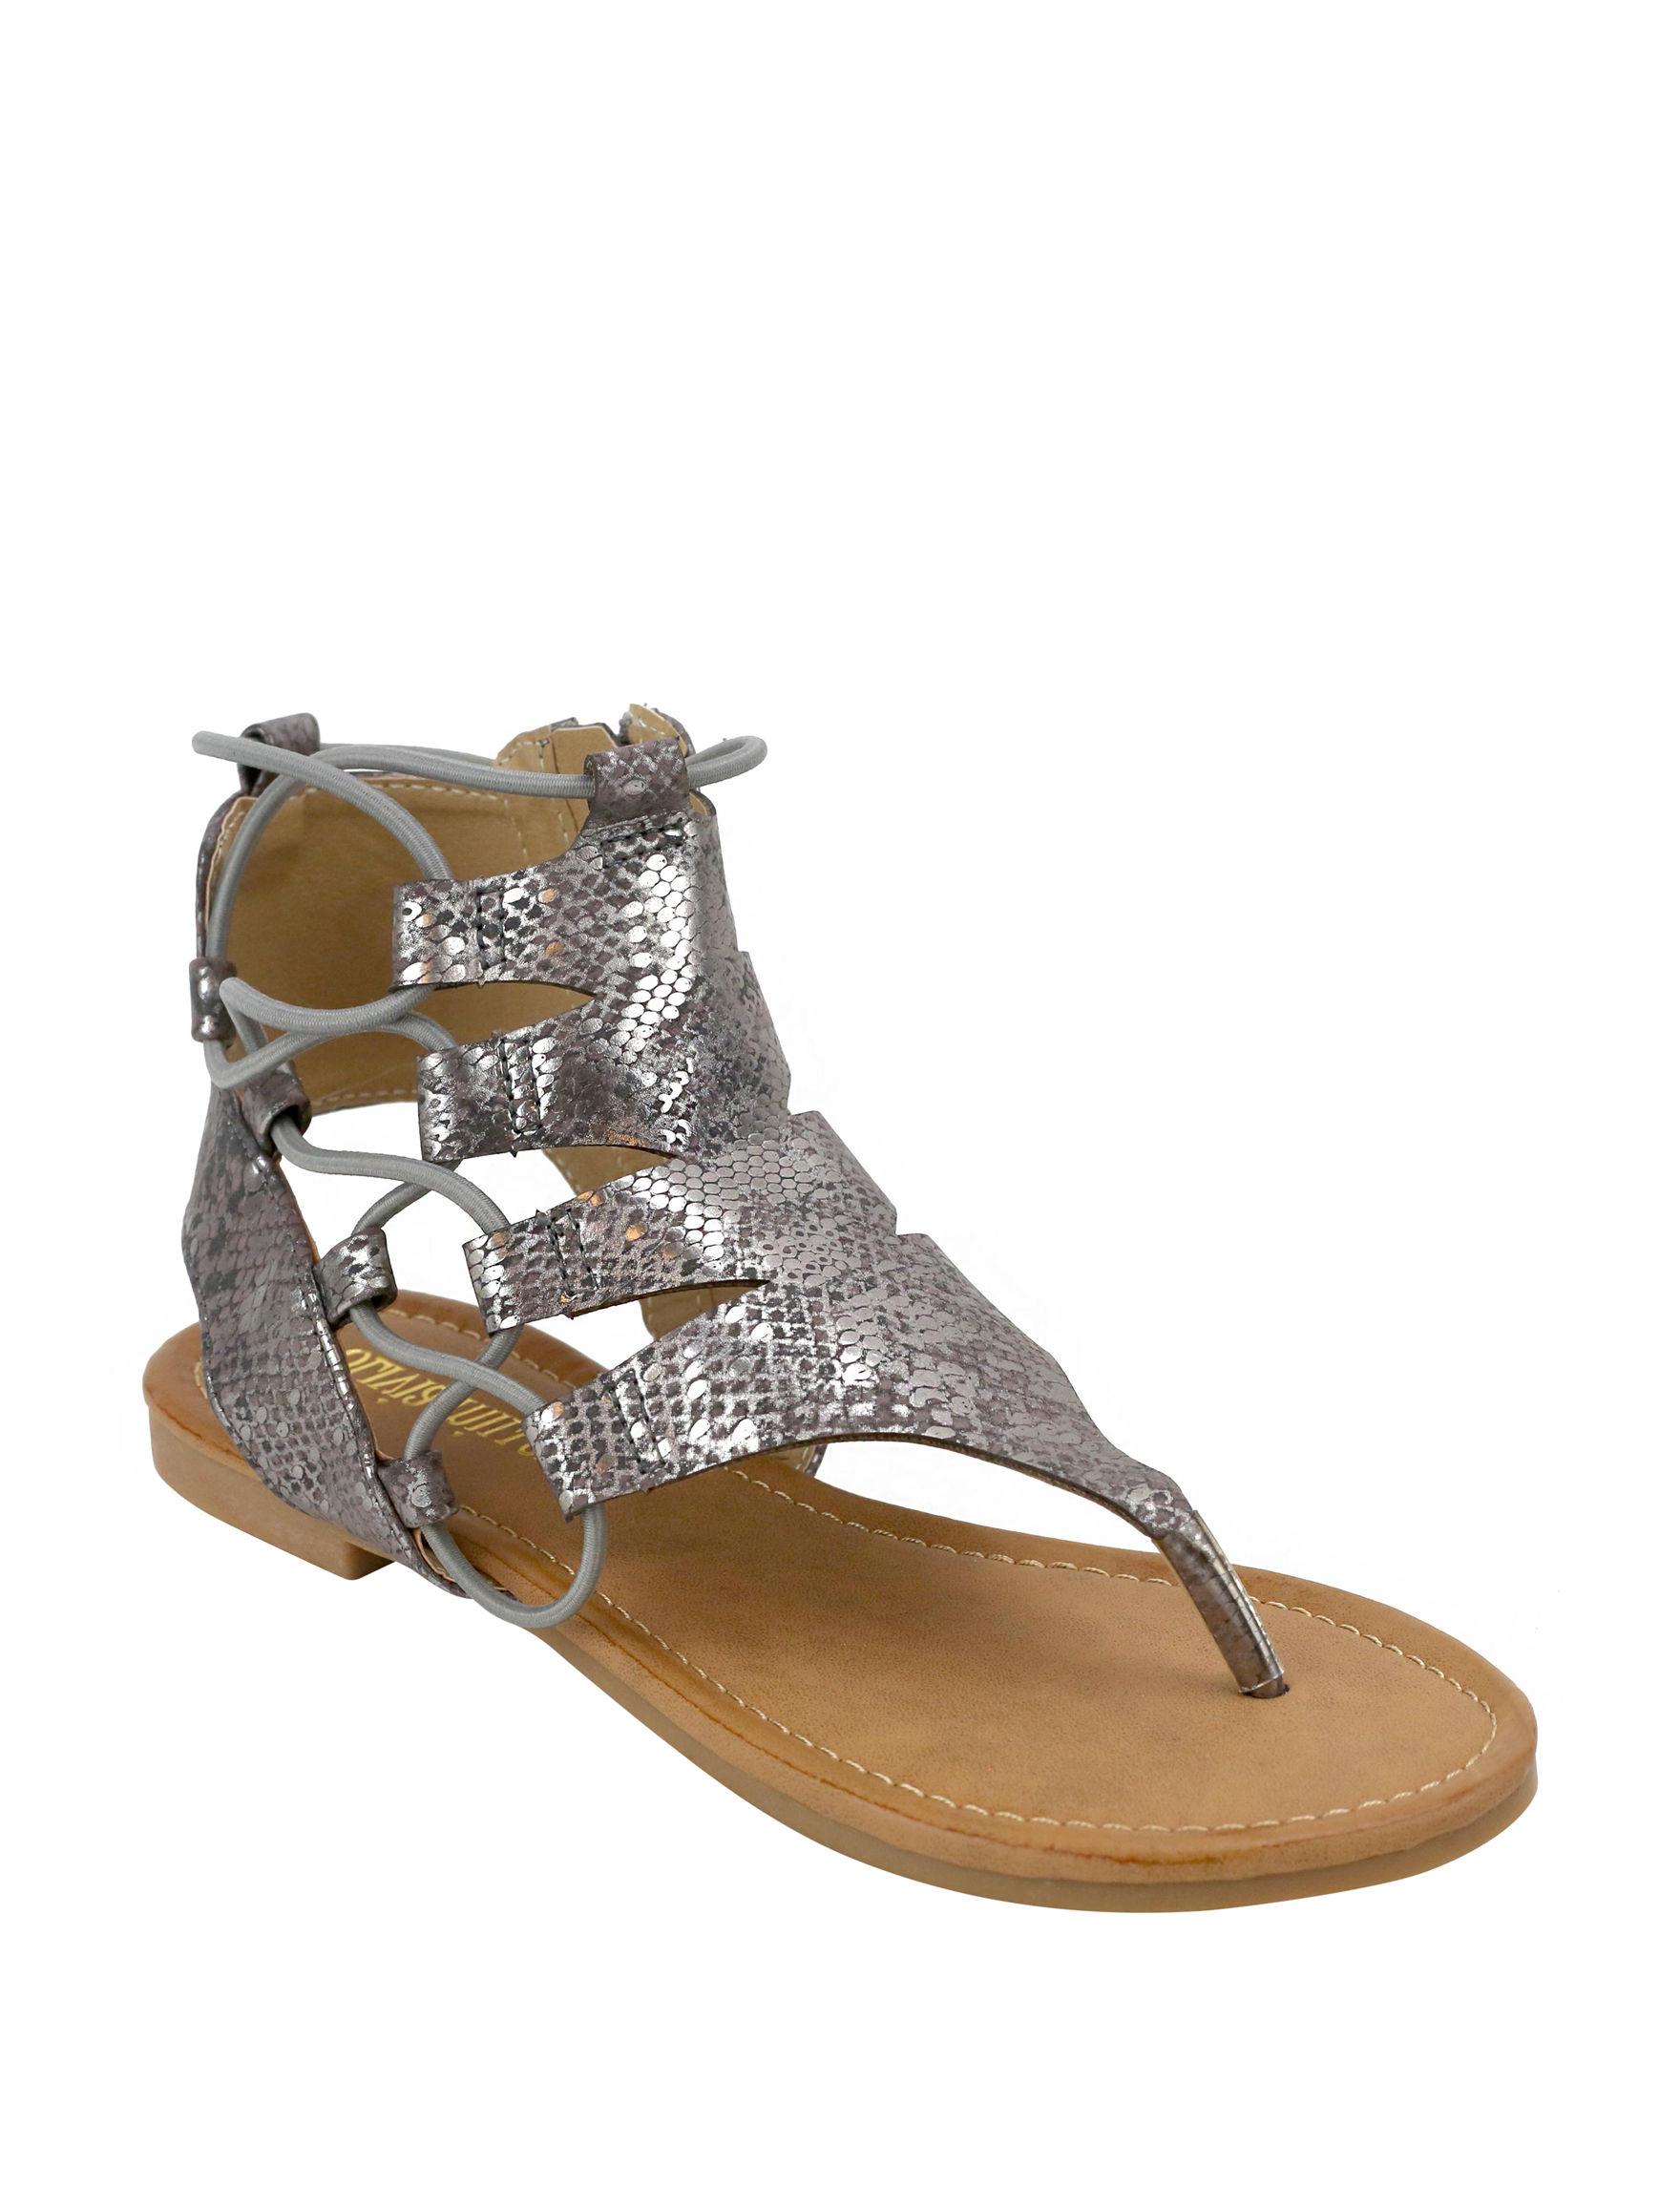 Olivia Miller Black Flat Sandals Gladiators